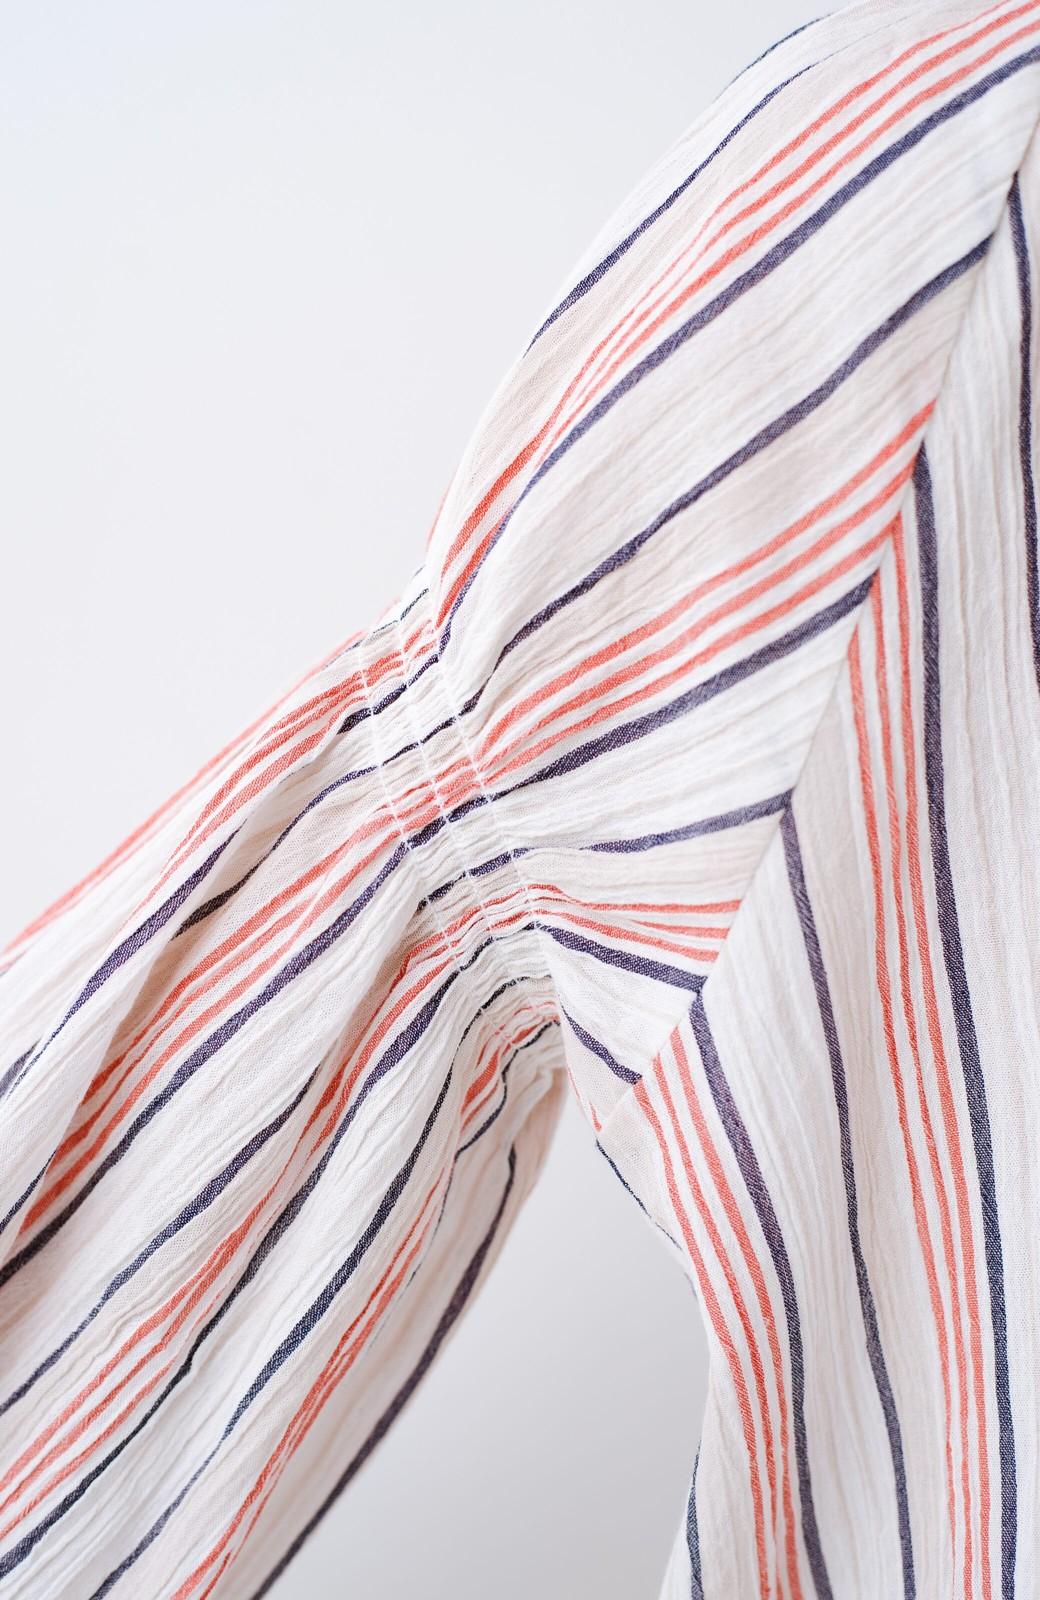 haco! haco! 時間のない朝でも気分の上がる コーデがパッと完成する 羽織にもなるやわらか楊柳素材のストライプワンピース <レッド系その他>の商品写真11